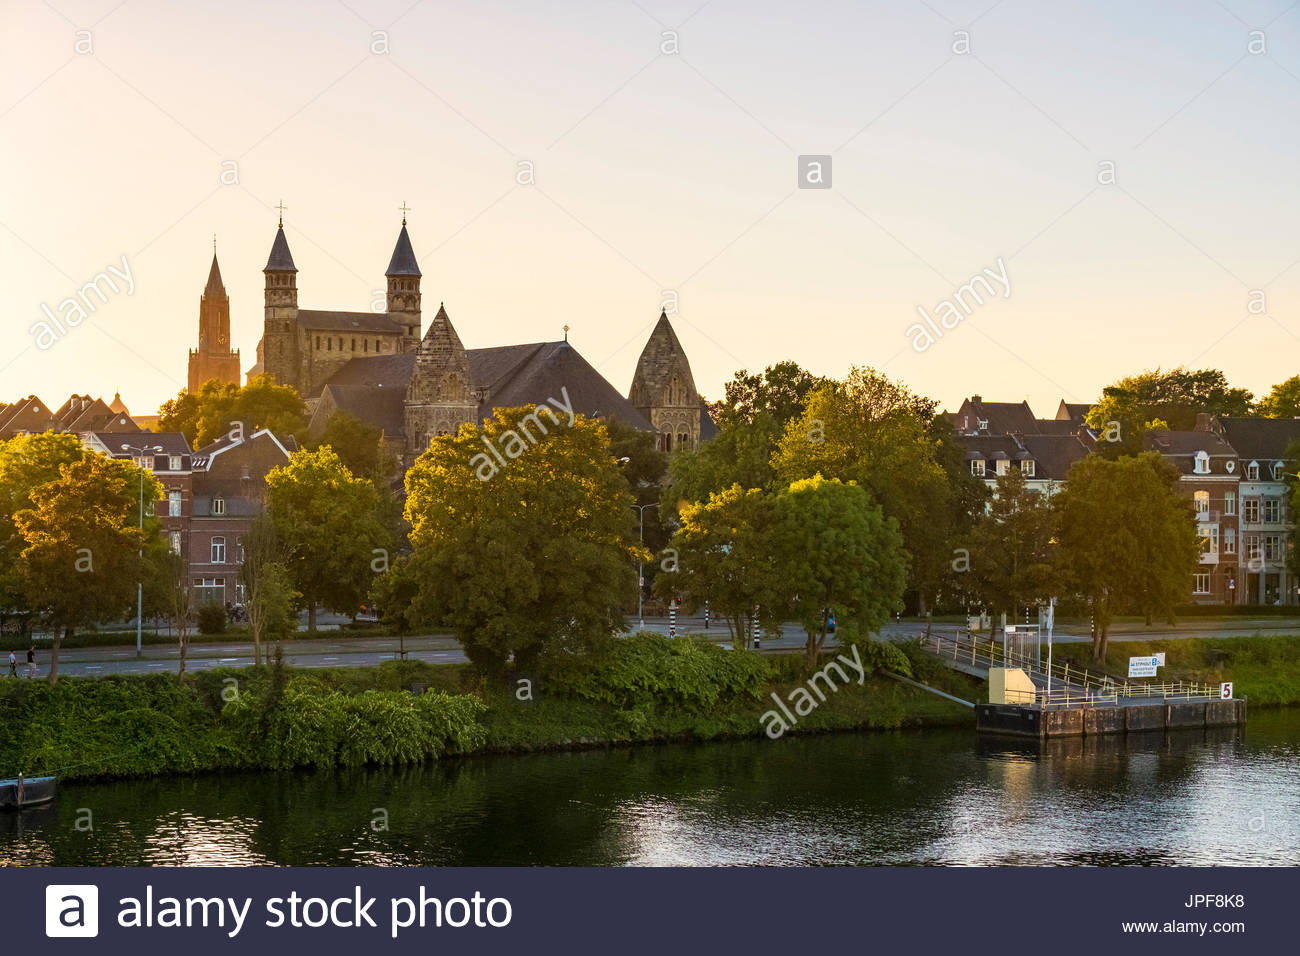 Onze lieve vrouwe basiliek stock photos onze lieve vrouwe basiliek stock images alamy - Maastricht mobel ...